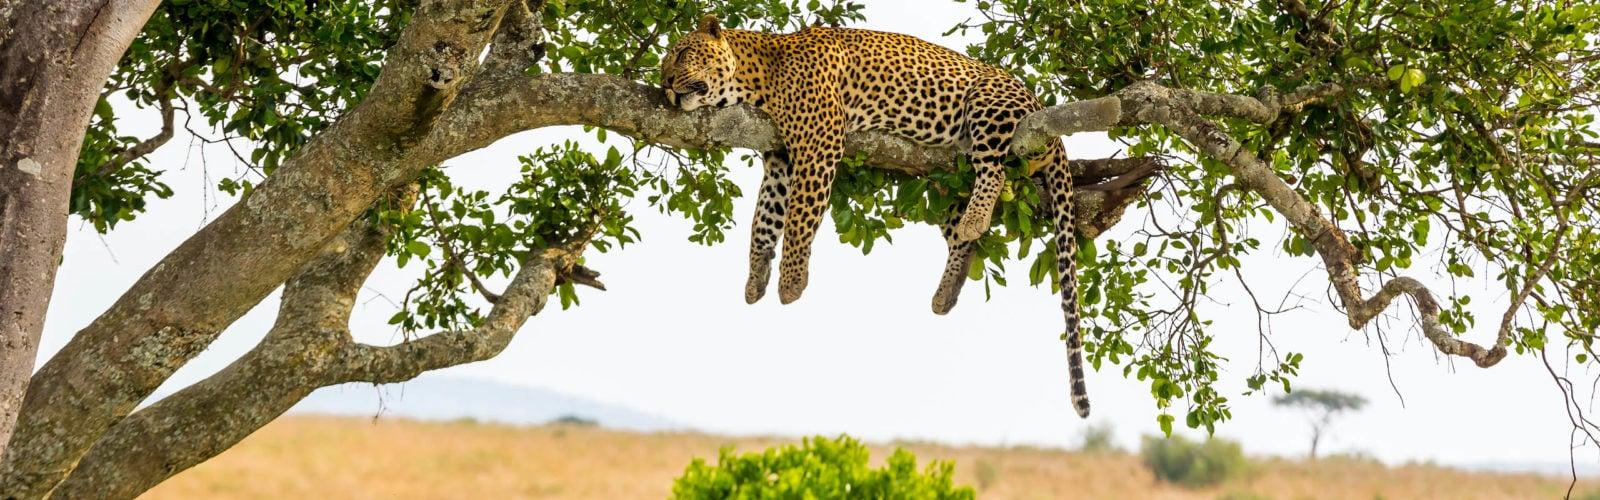 Leopard resting after eating